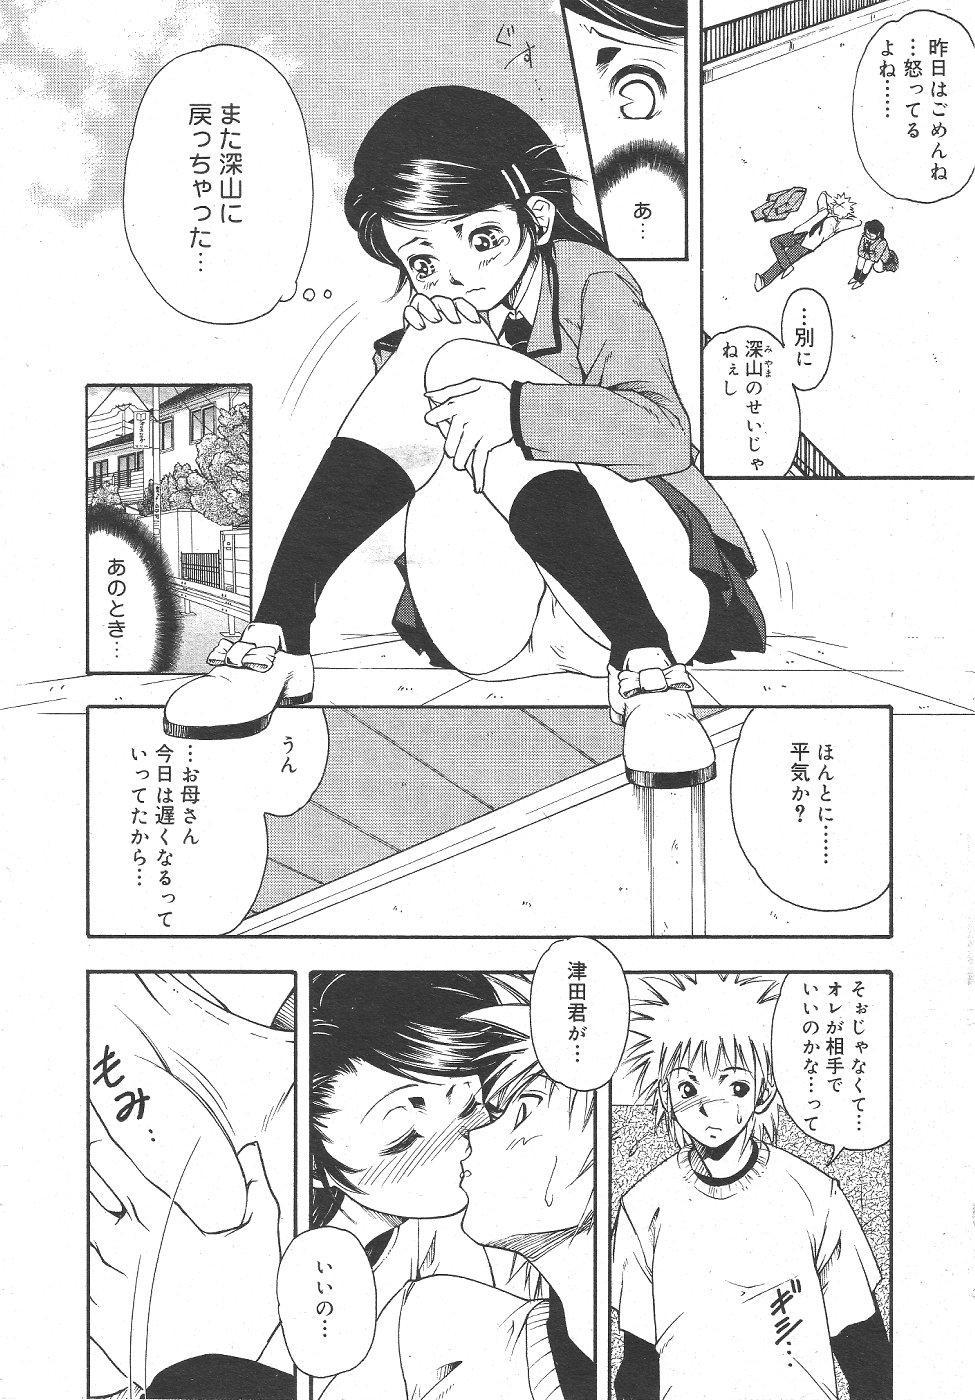 Gekkan Comic Muga 2004-06 Vol.10 15